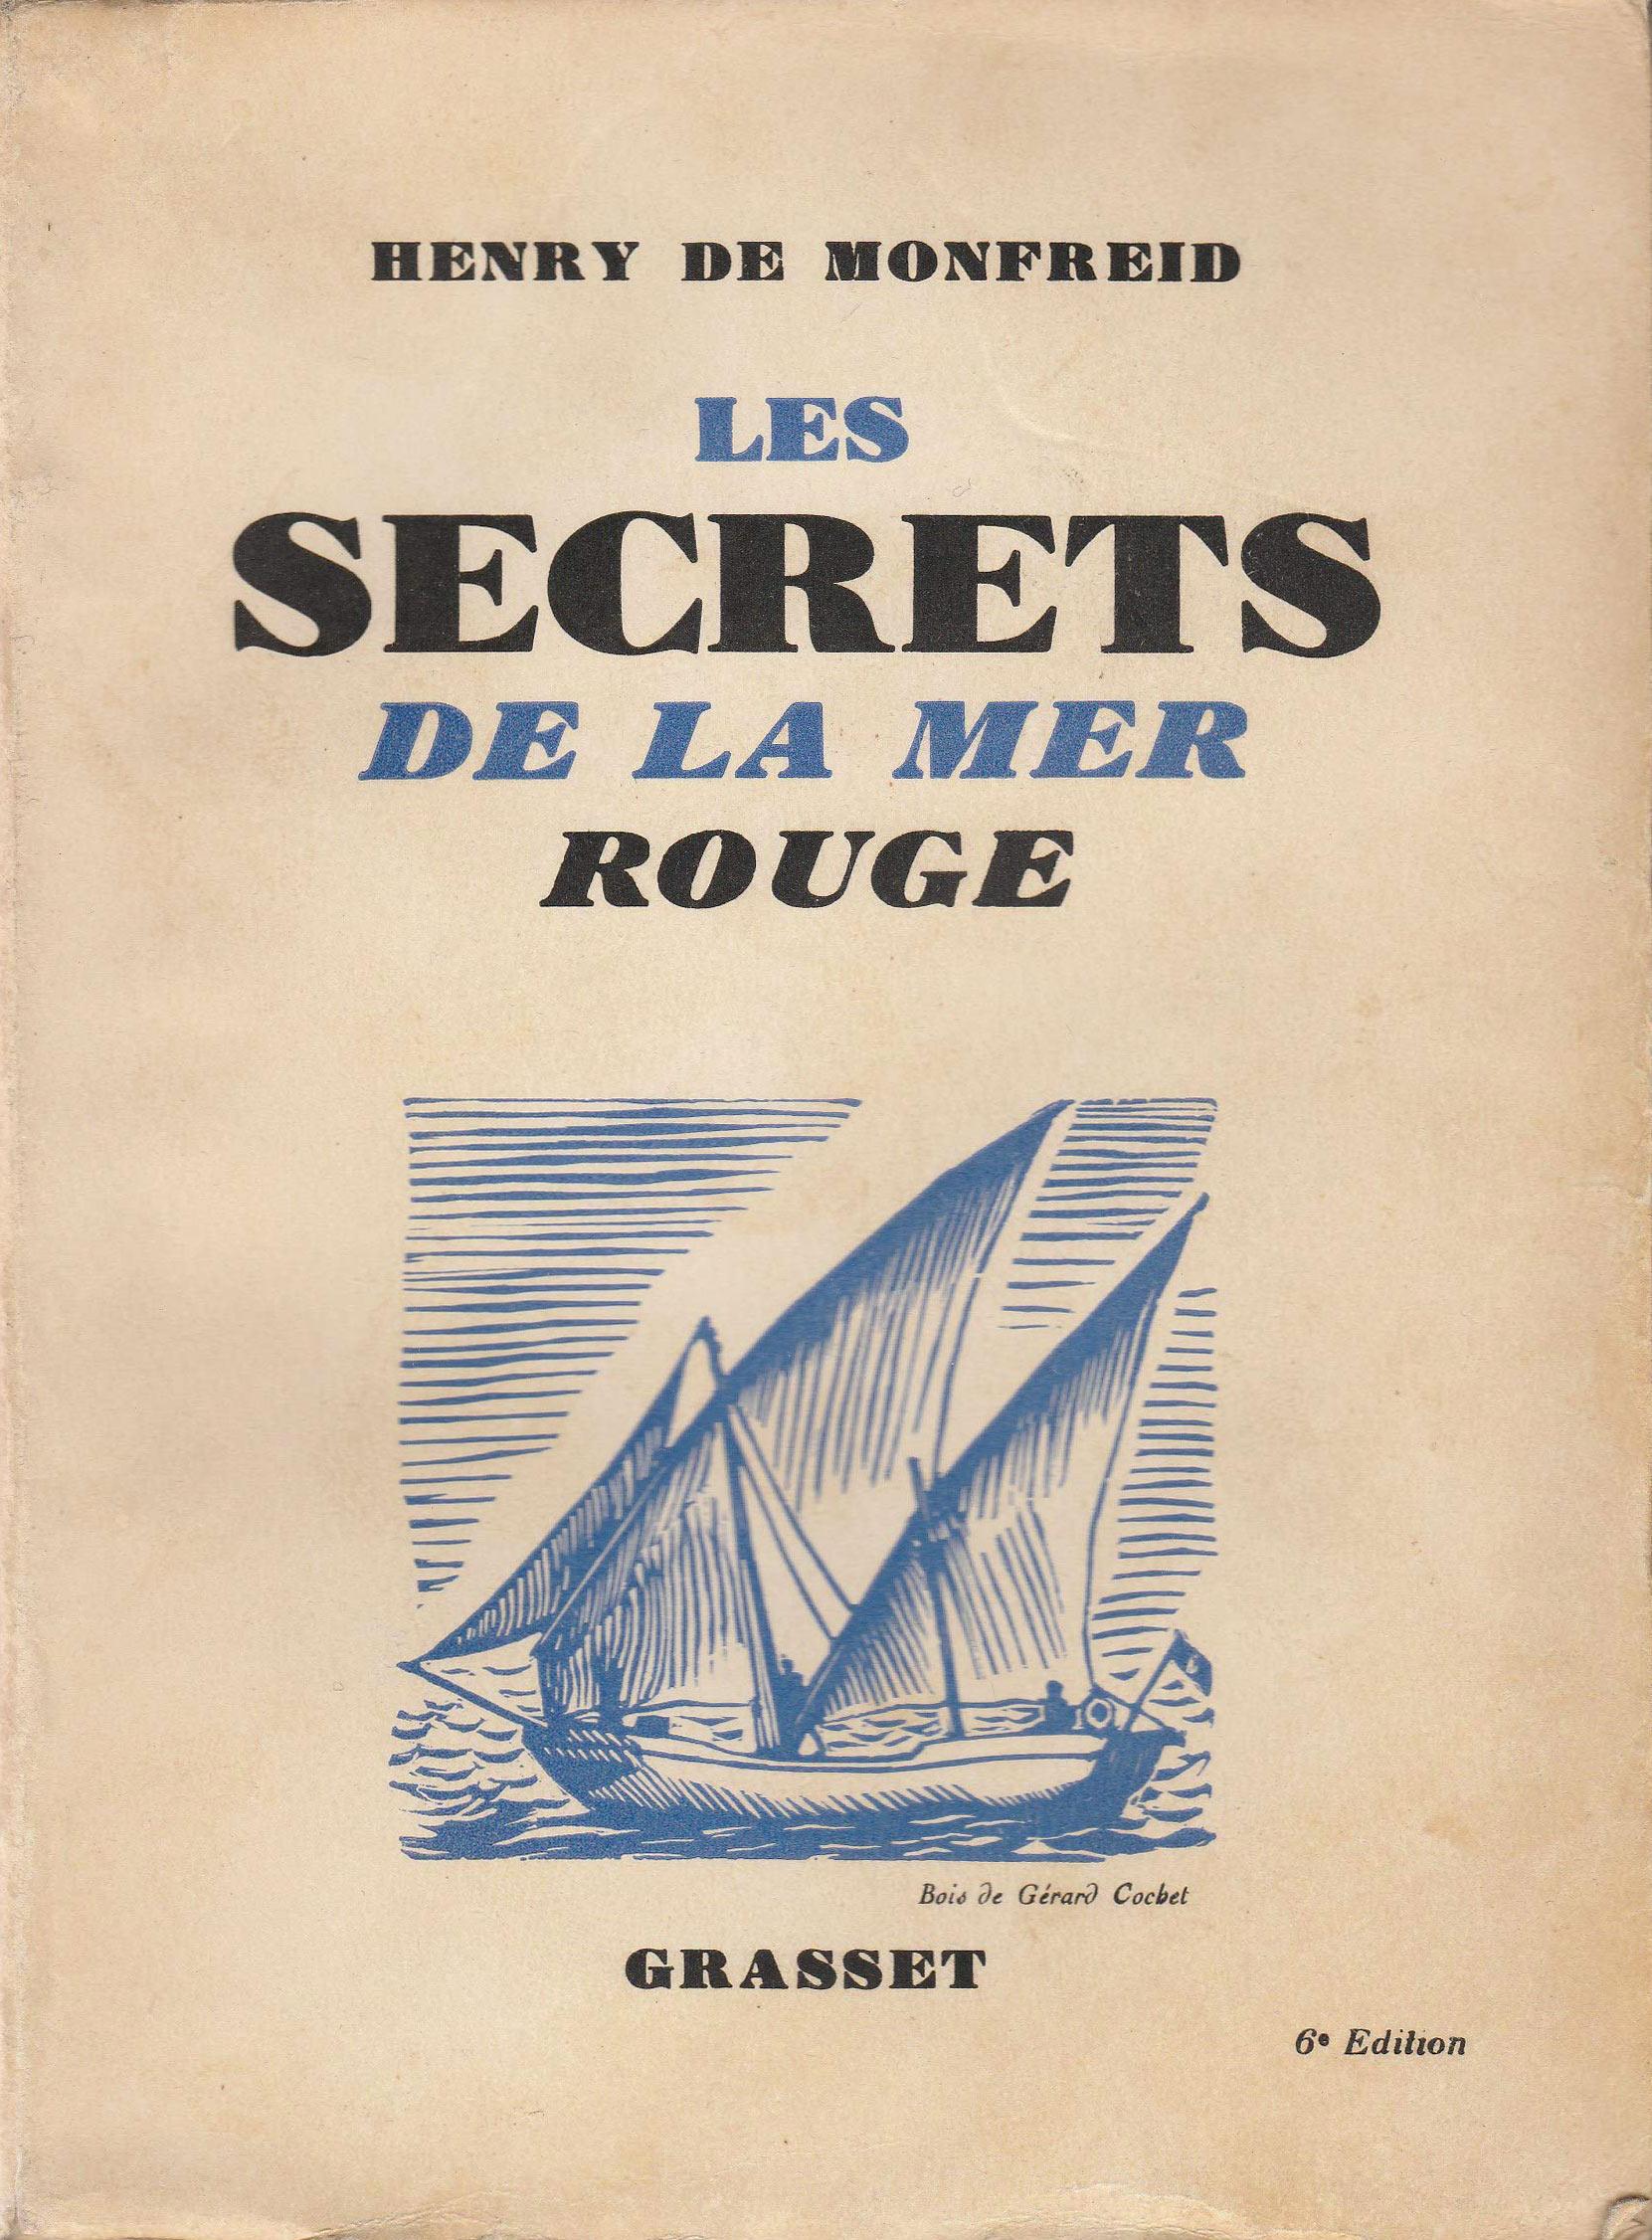 Couverture du livre Les Secrets de la Mer Rouge par Henry de Monfreid